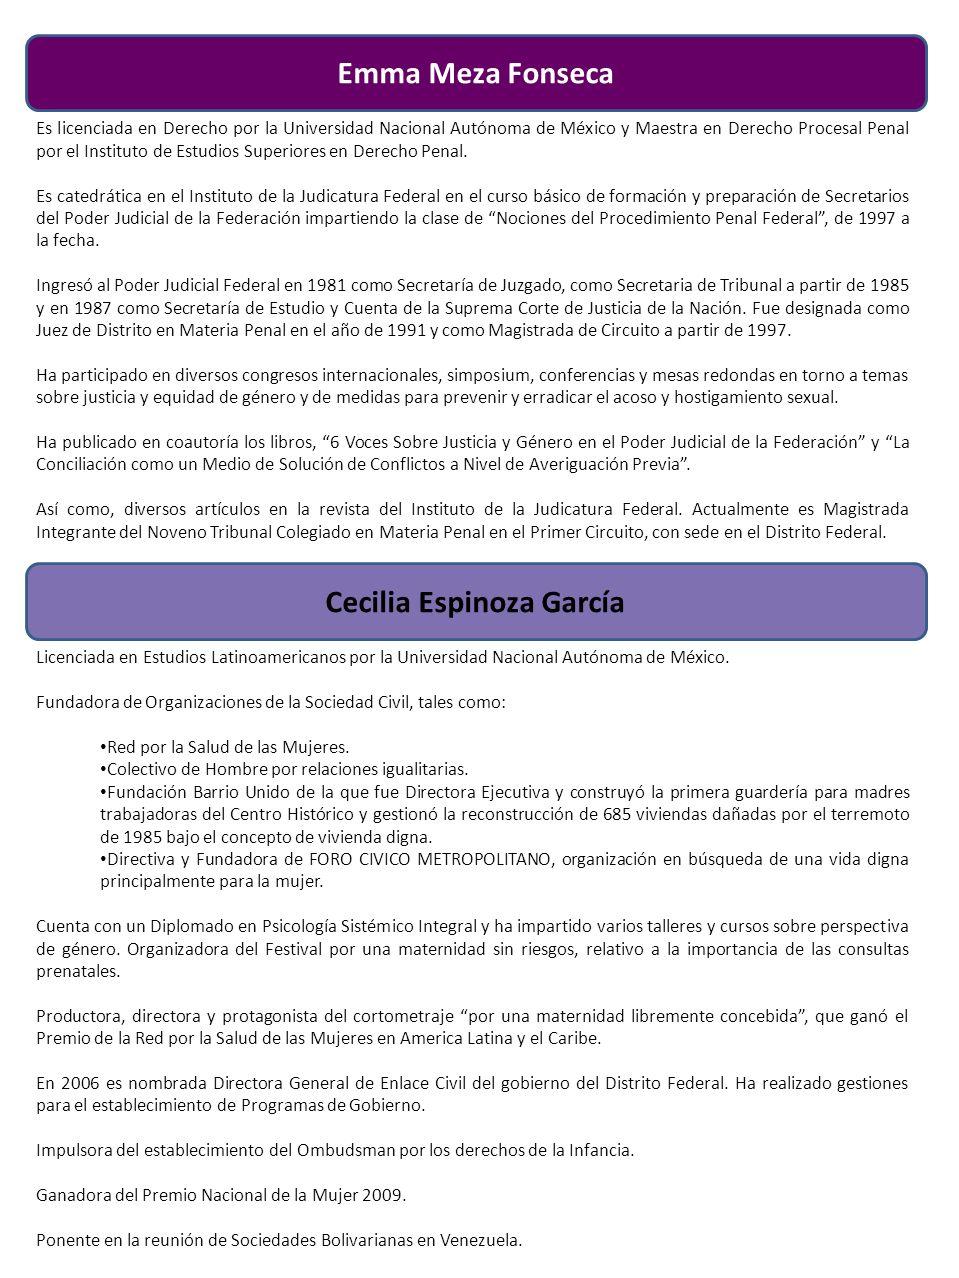 Emma Meza Fonseca Es licenciada en Derecho por la Universidad Nacional Autónoma de México y Maestra en Derecho Procesal Penal por el Instituto de Estu